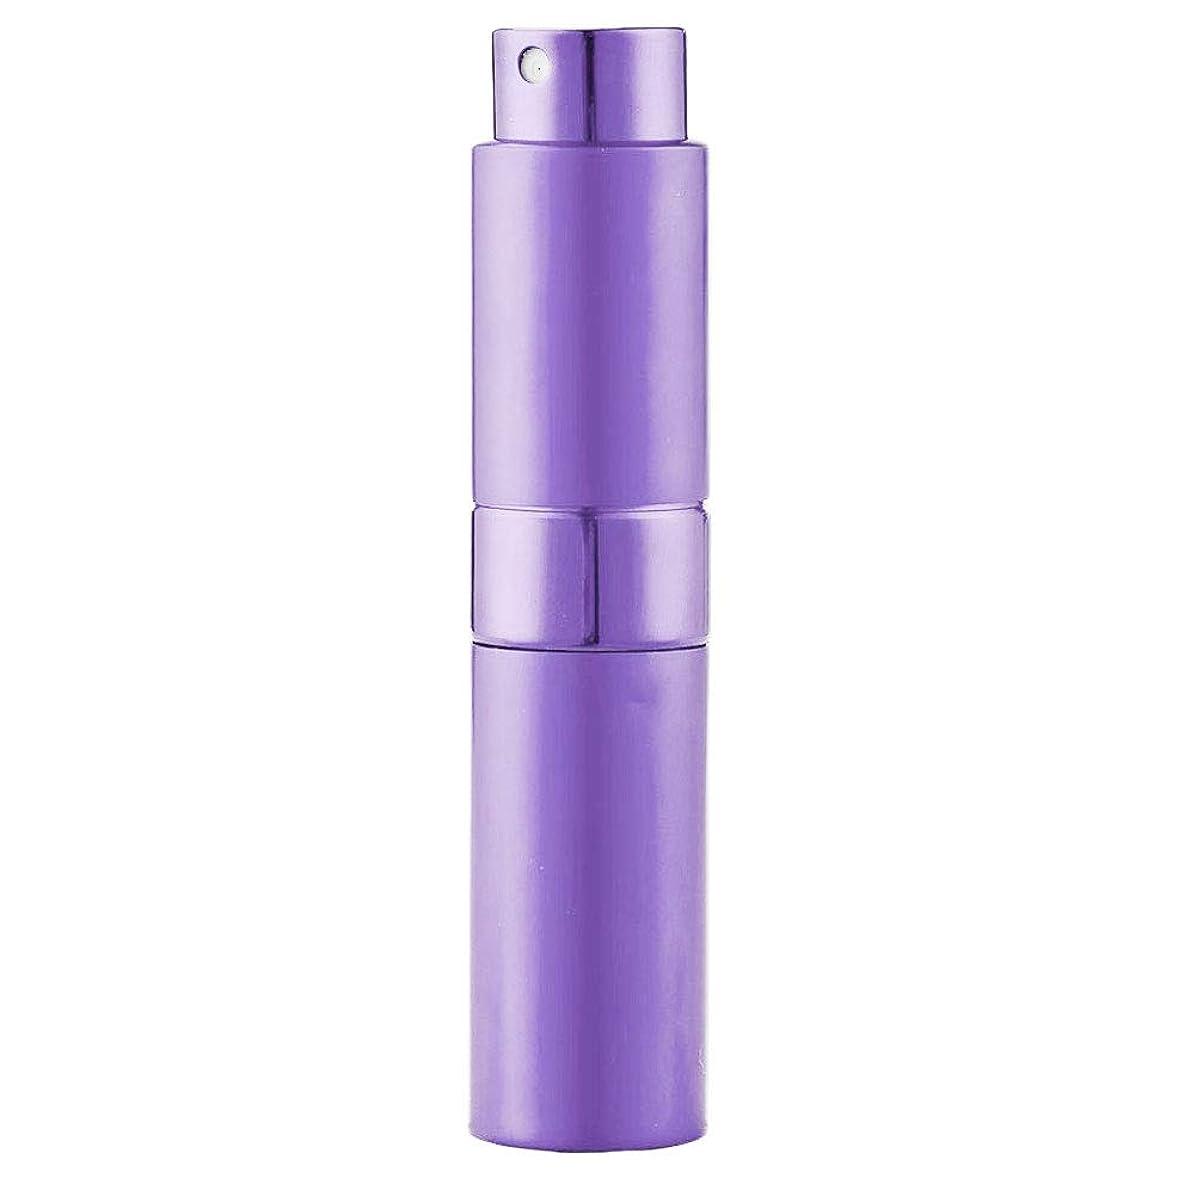 アルファベット順注入誘惑Ladygogo 香水アトマイザーセット 回転プッシュ式 スプレー ボトル 香水スプレー 詰め替え 持ち運び 身だしなみ 携帯用 男女兼用 (紫)